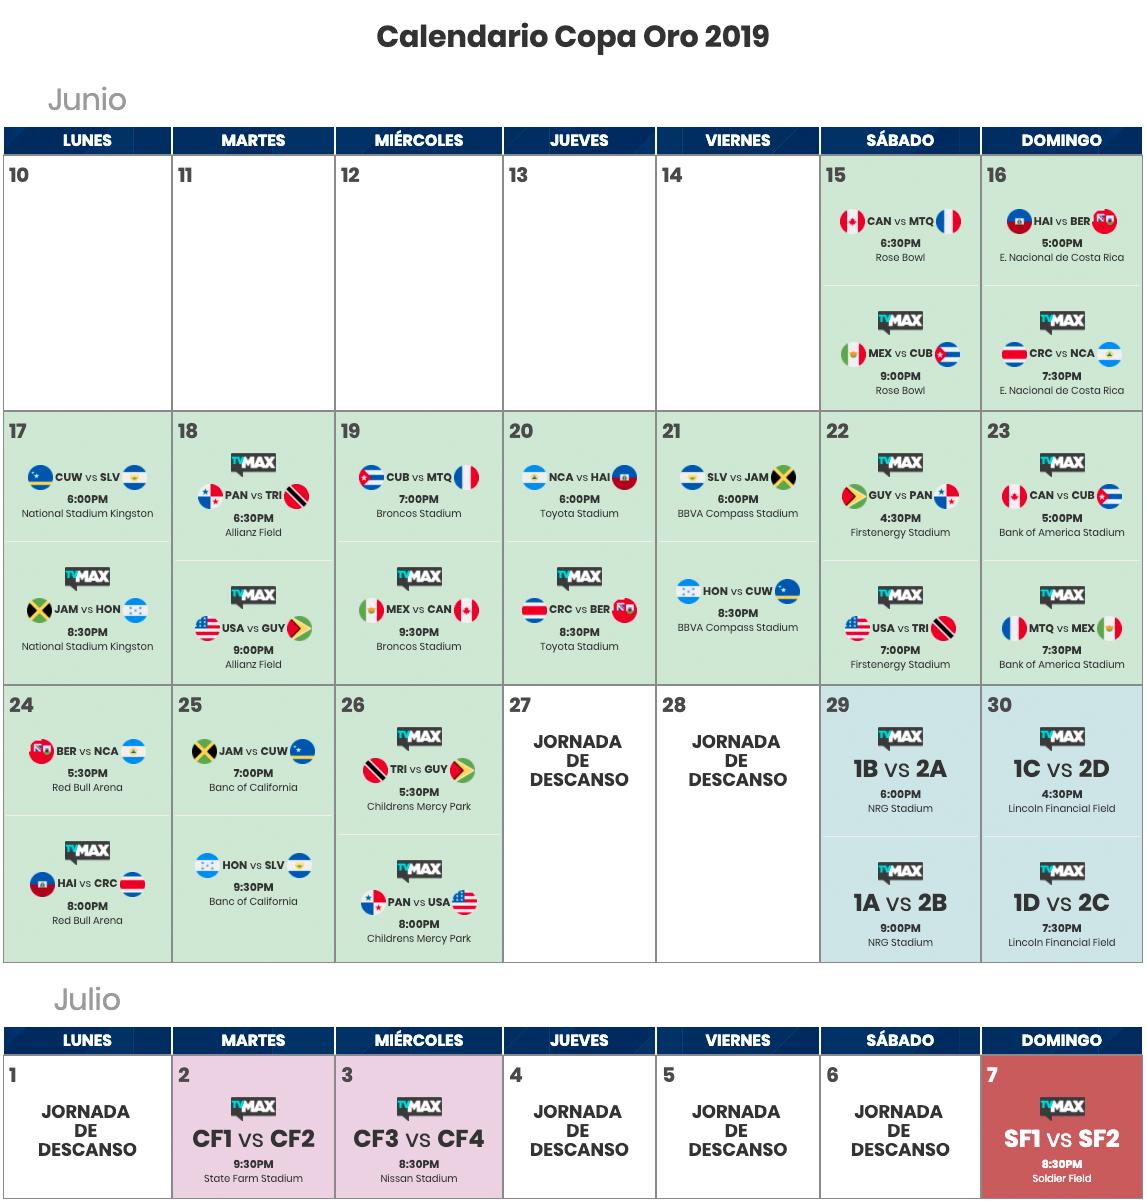 Calendario Copa.Calendario Copa Oro 2019